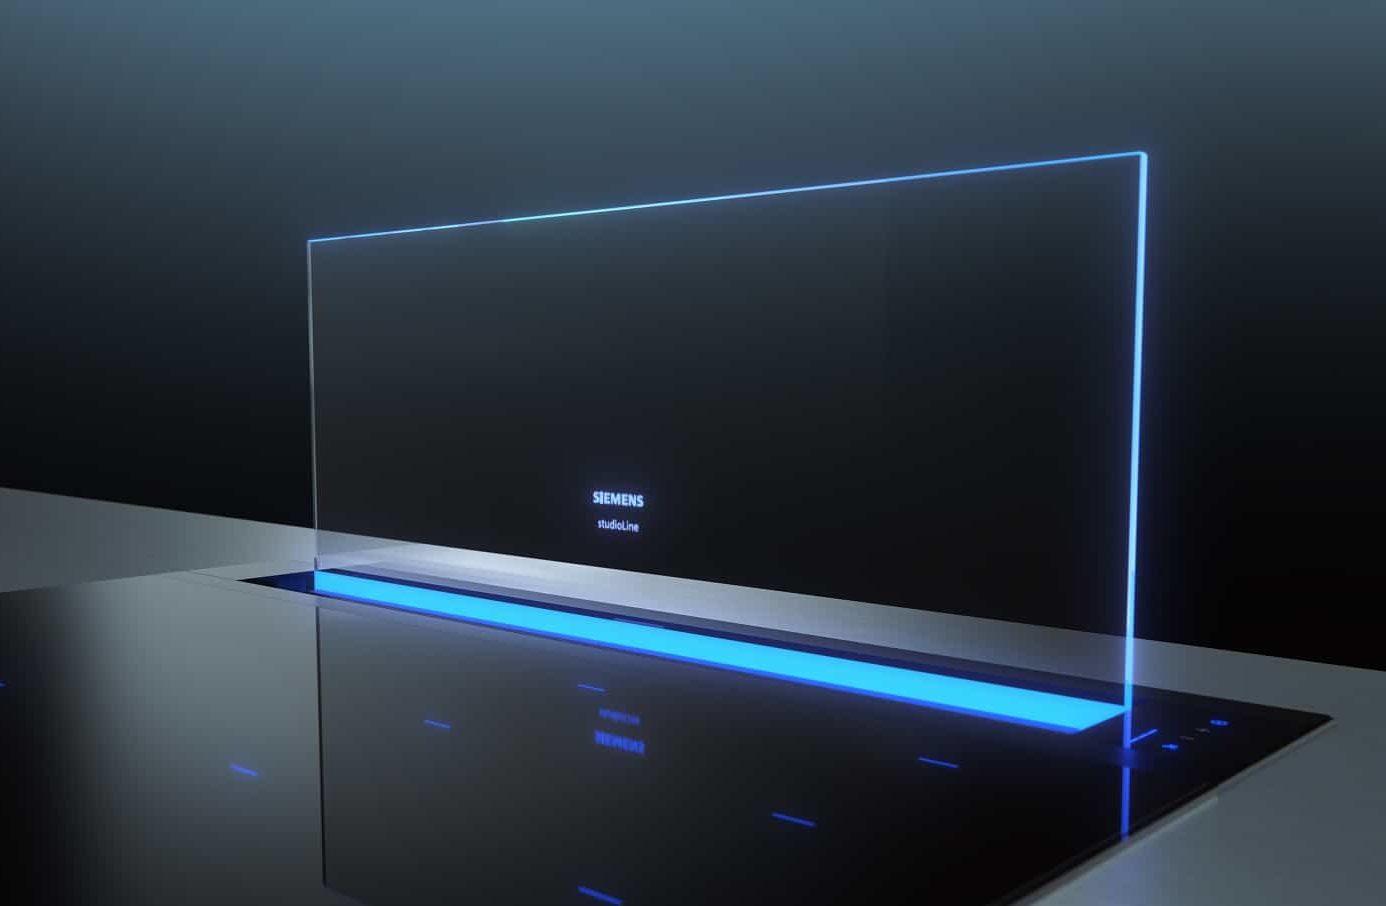 Eine weitere Lösung aus dem Hause Siemens für den Dunstabzug direkt am Kochfeld: die hochelegante glassdraftAir. (Foto: Siemens Hausgeräte)